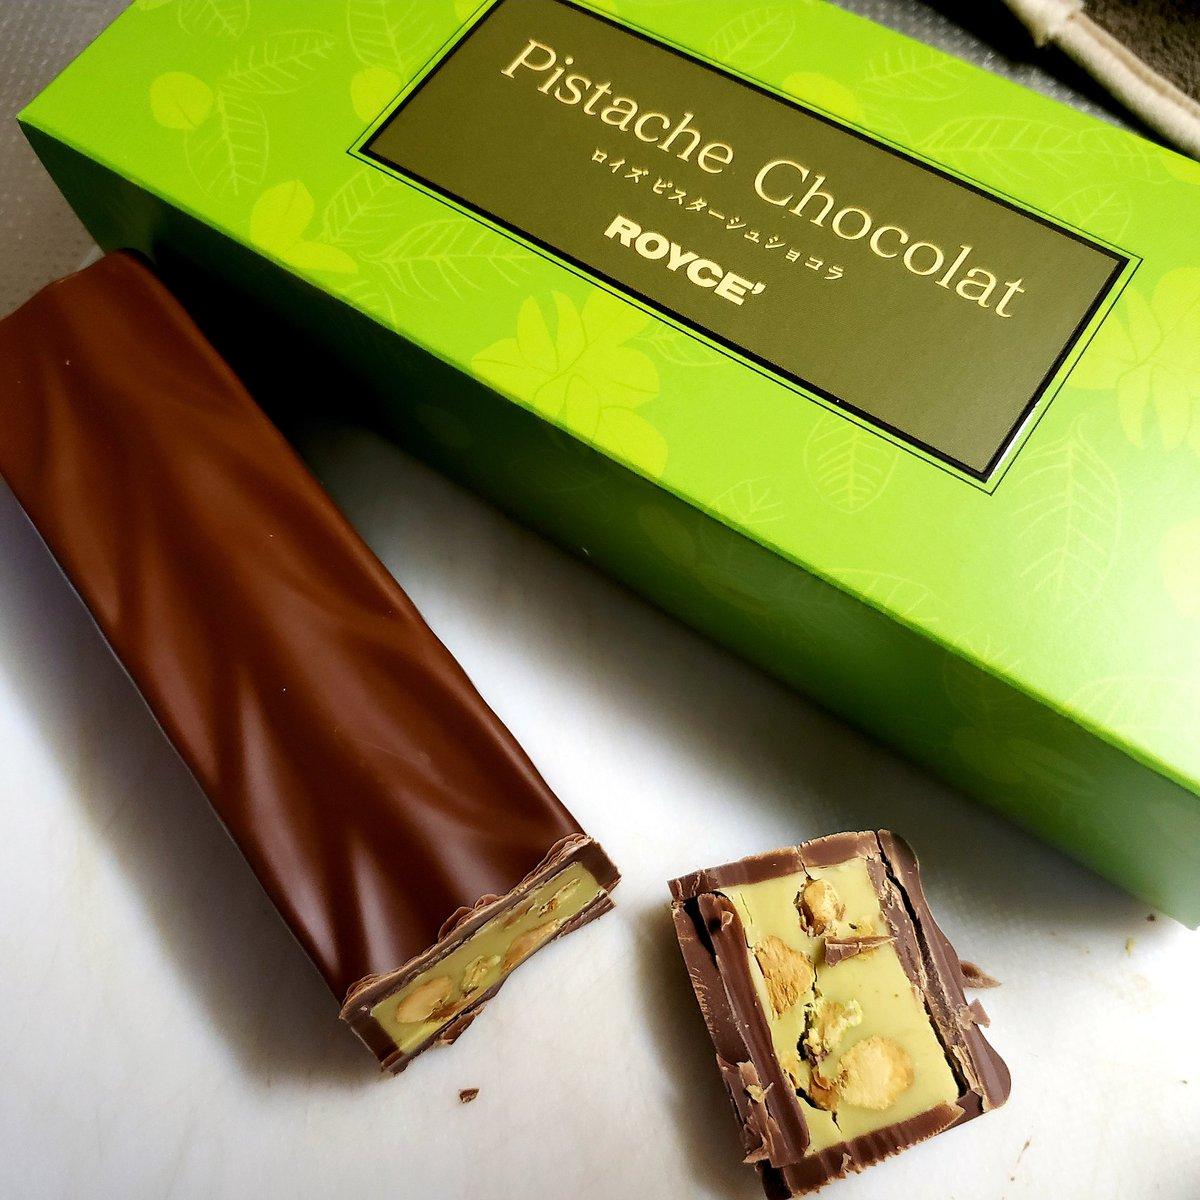 ロイズ ピスタチオ チョコレート